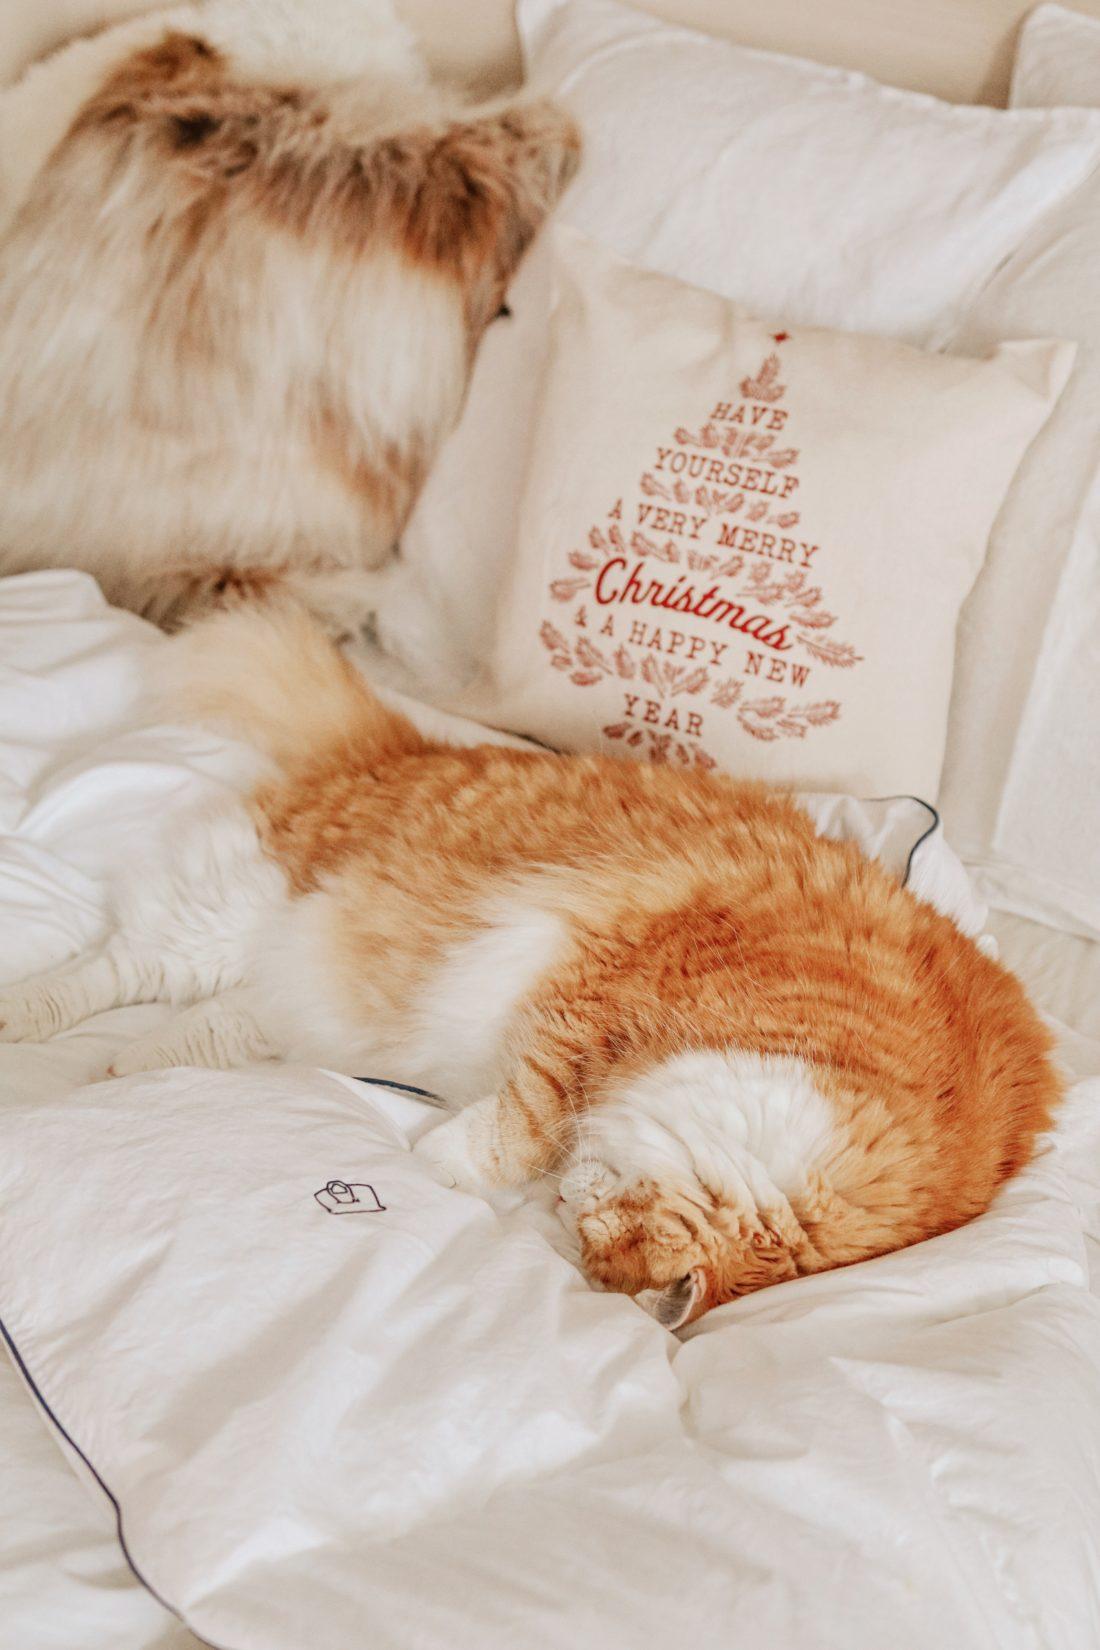 Un chat en appartement, son alimentation & son environnement